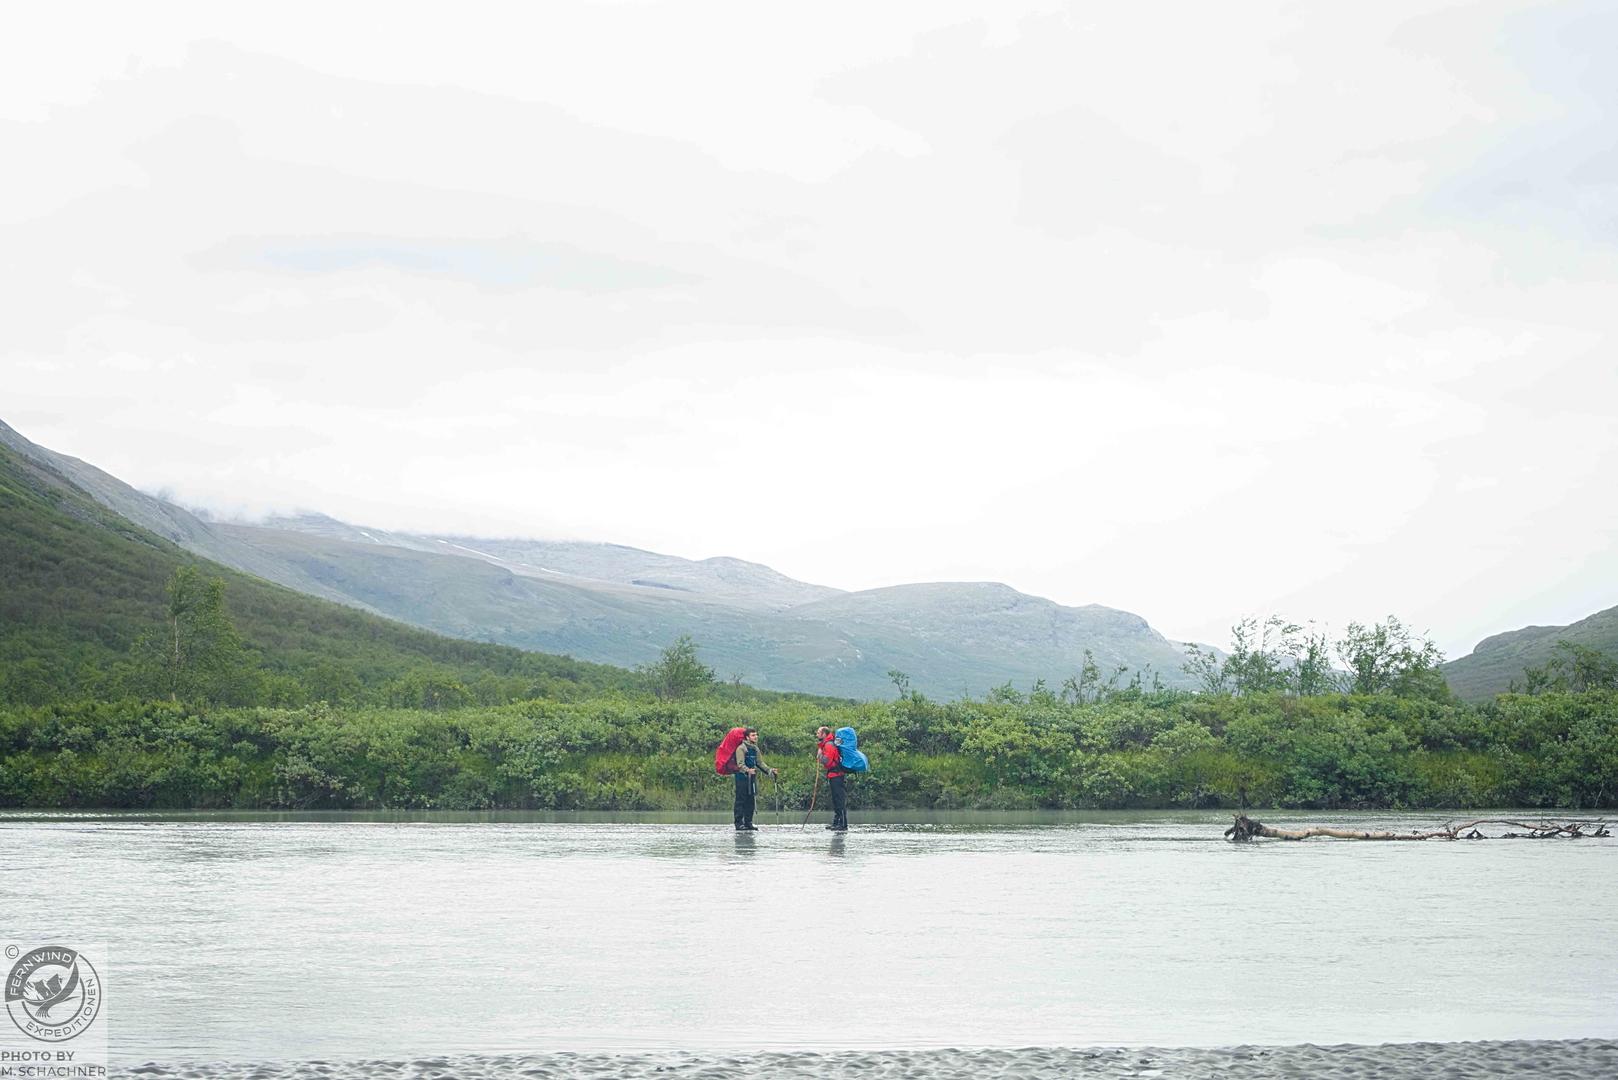 fernwind schweden sarek scouting trekking expedition Rapaädno